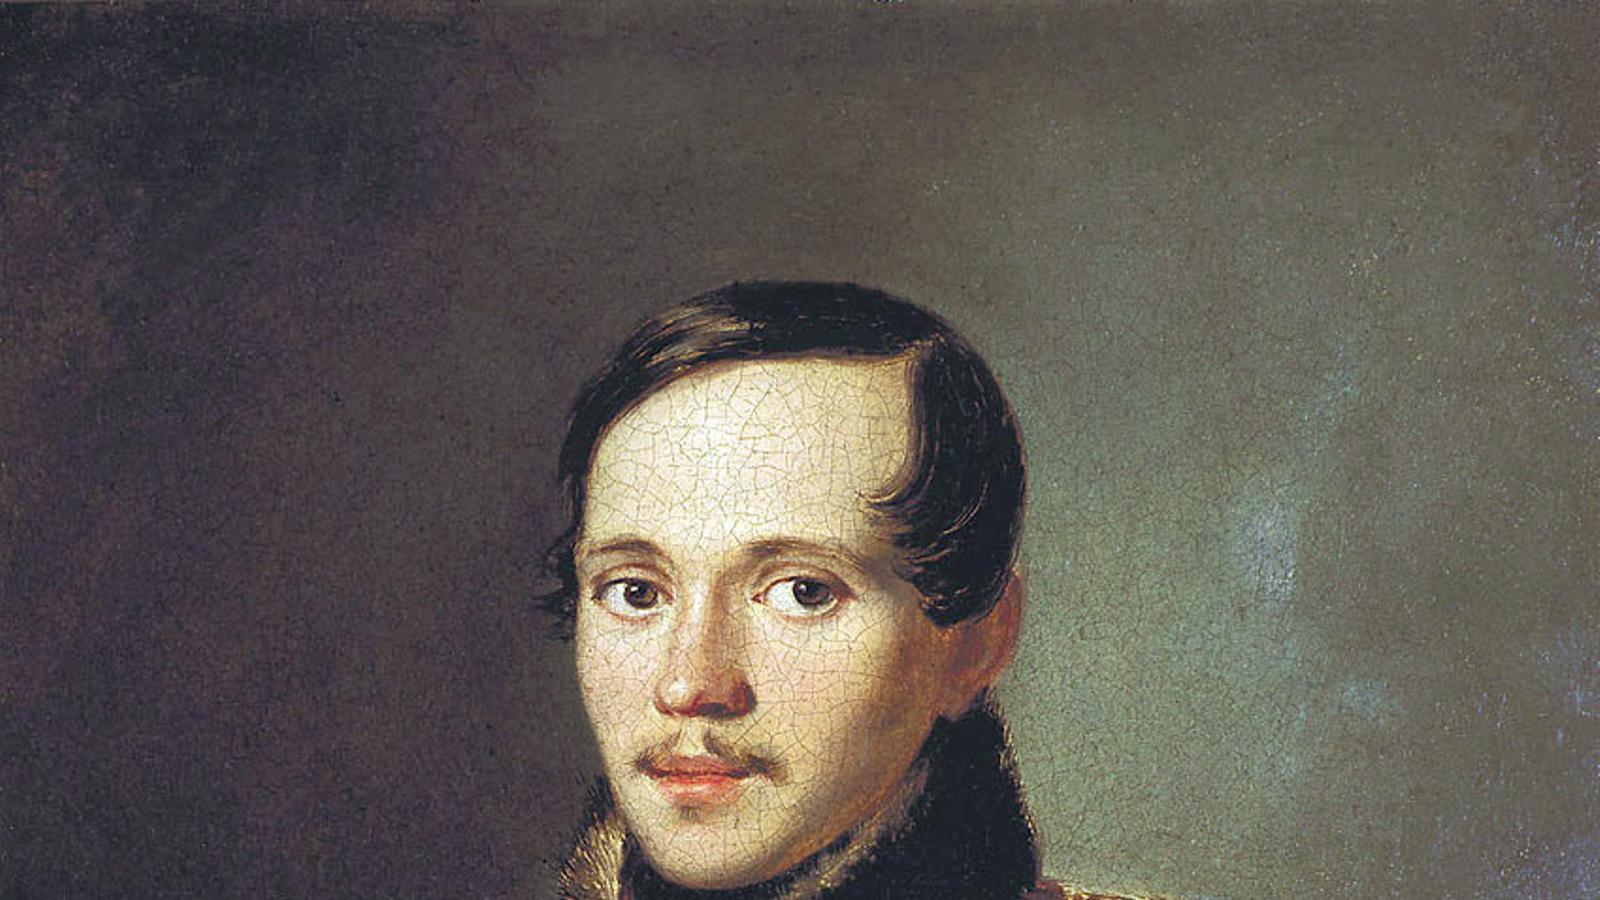 Retrat pictòric de Lérmontov (1814-1841) datat el 1837.